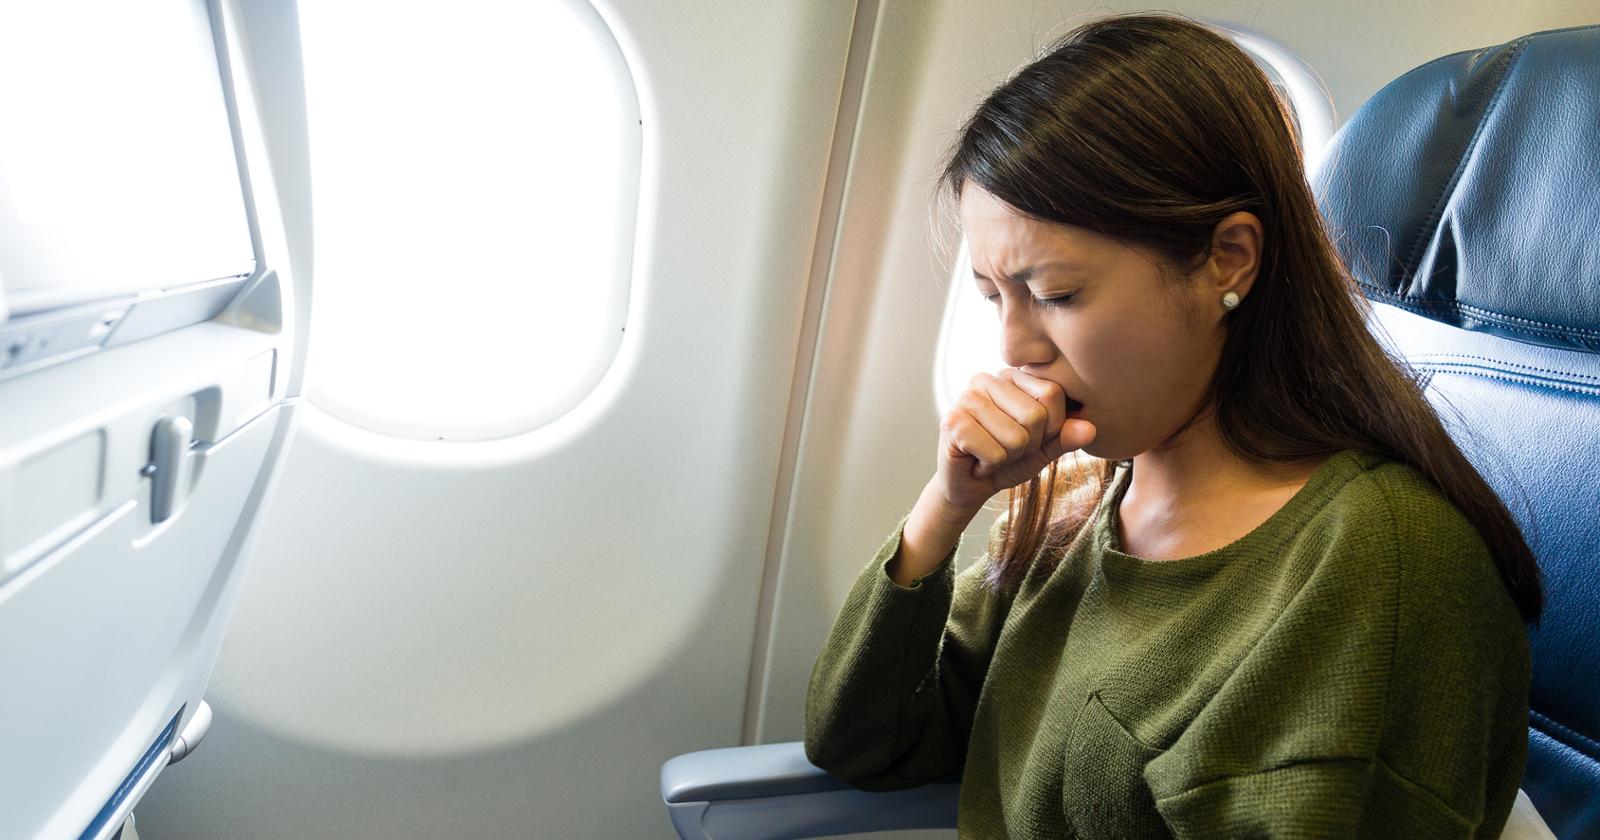 Auch die Reisekrankheit kann Übelkeit und Erbrechen verursachen.